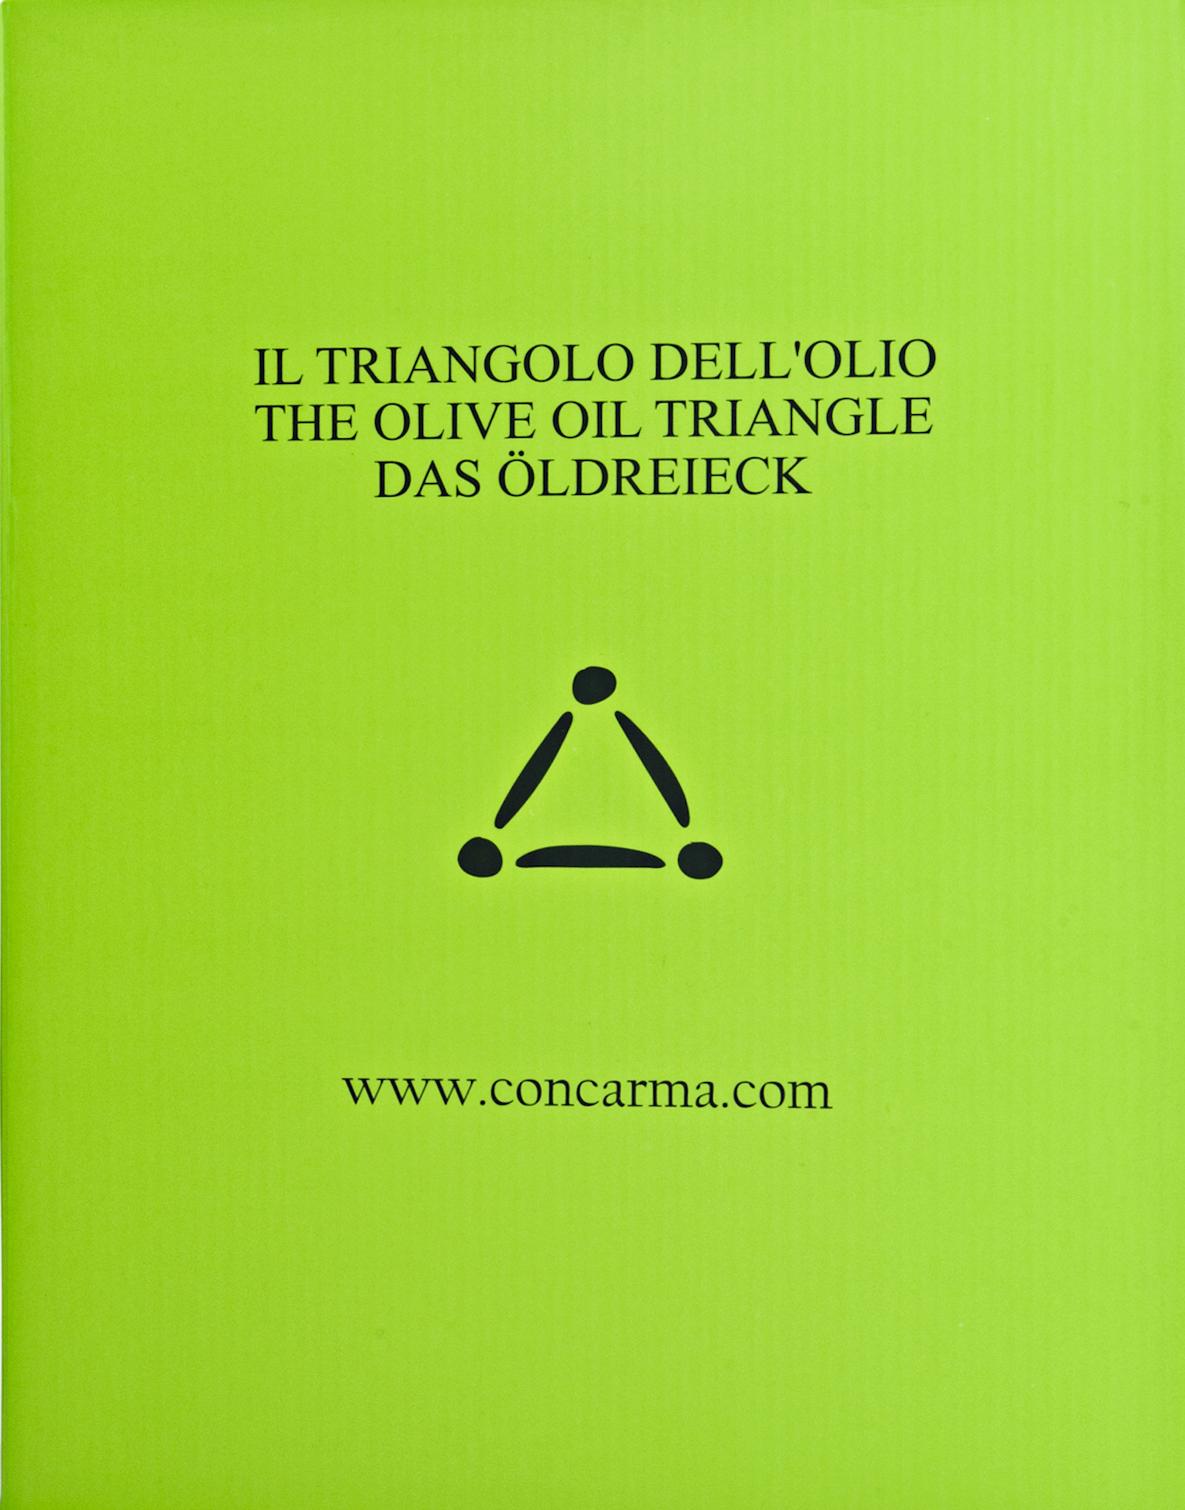 Tenuta-di-Carma_Still-Life-Prodotti_033